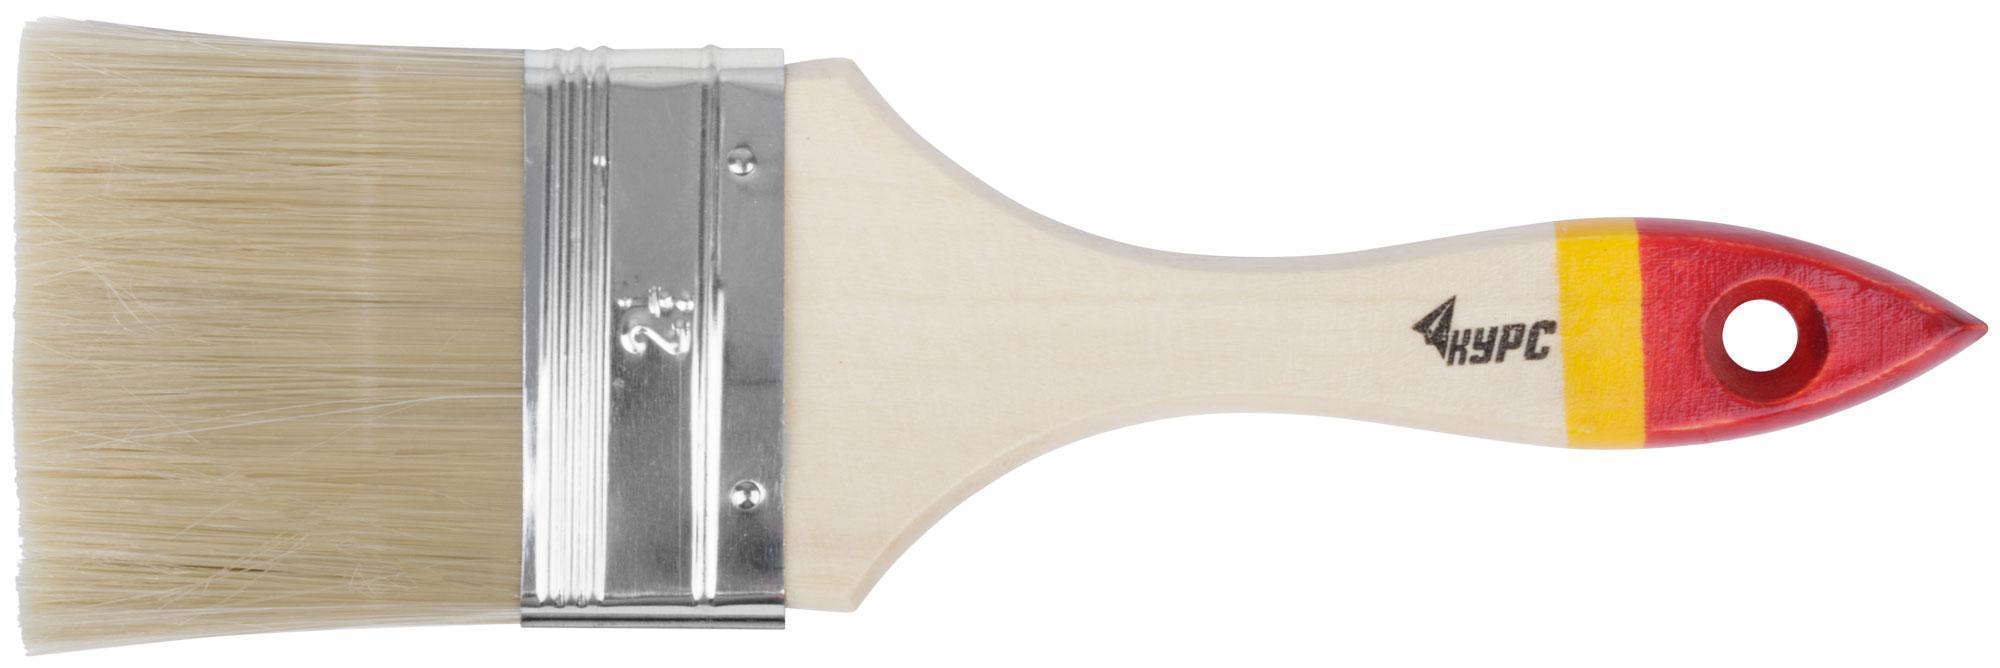 Кисть флейцевая КУРС 00866 кисть флейцевая kraftool 1 01017 50